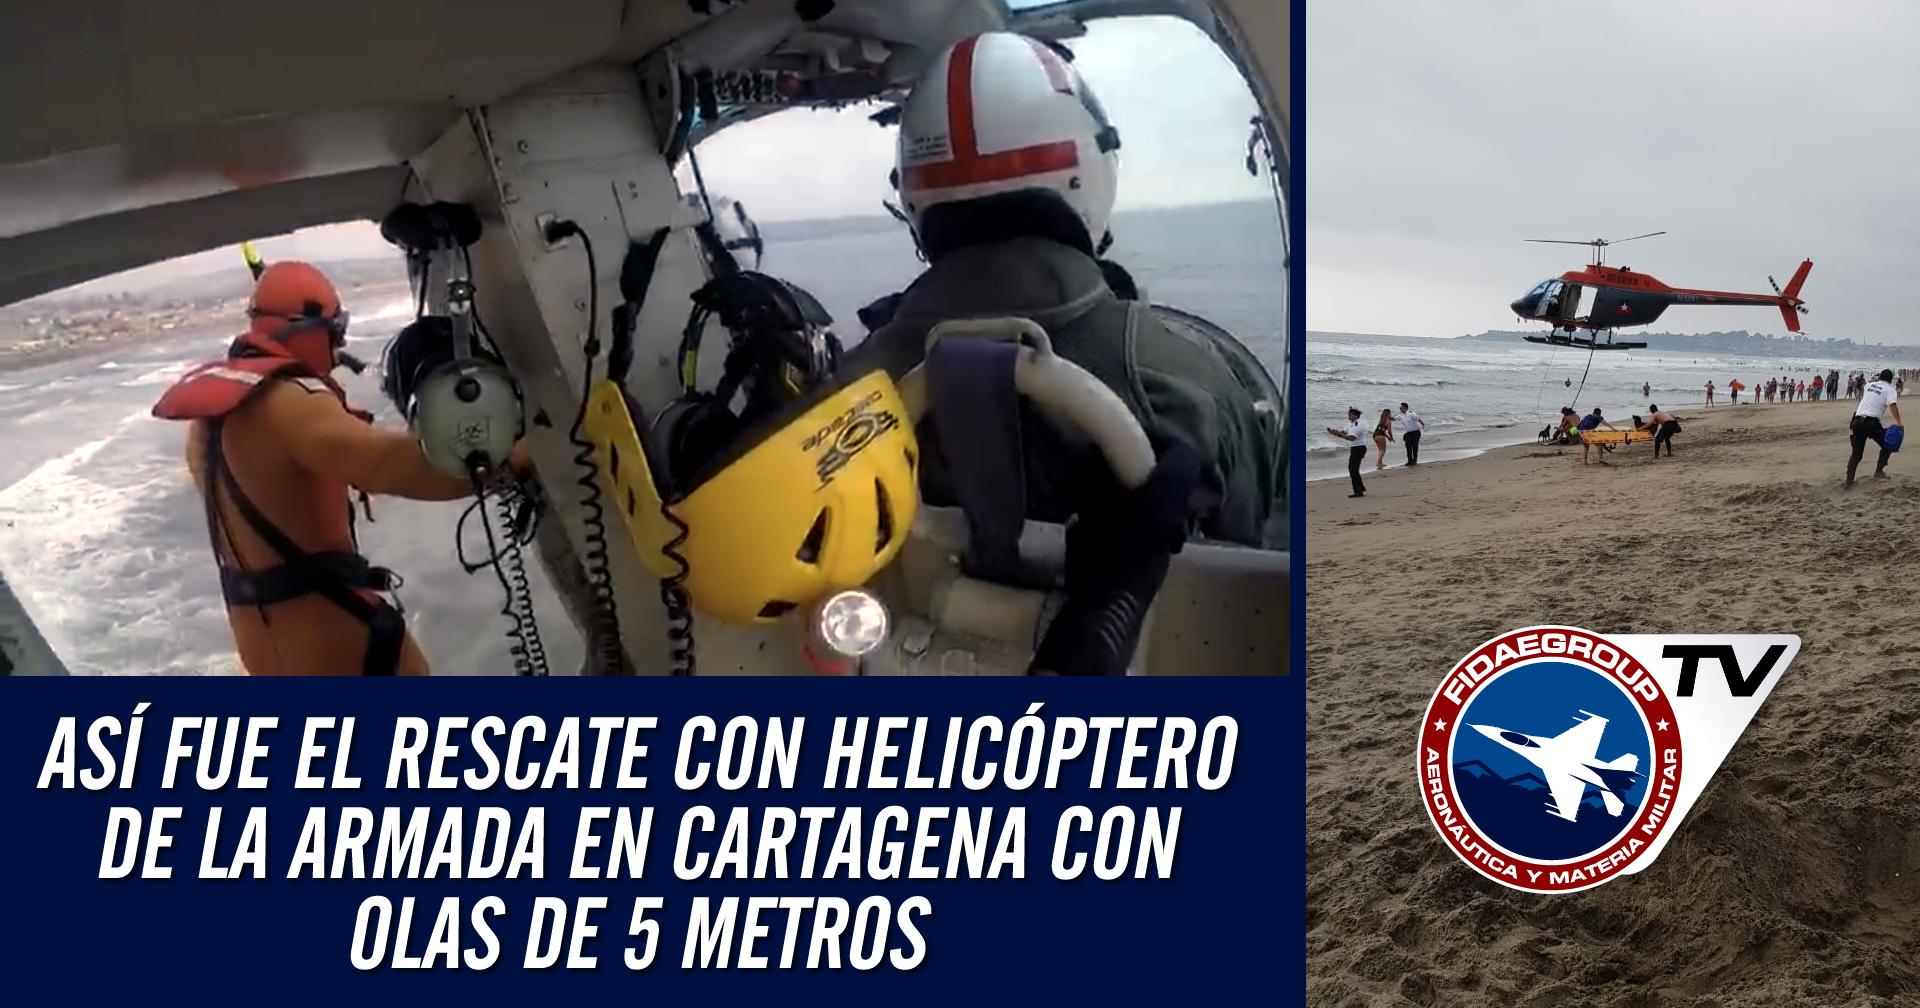 Helicóptero de la Armada enfrentó olas de 5 metros durante rescate en Cartagena